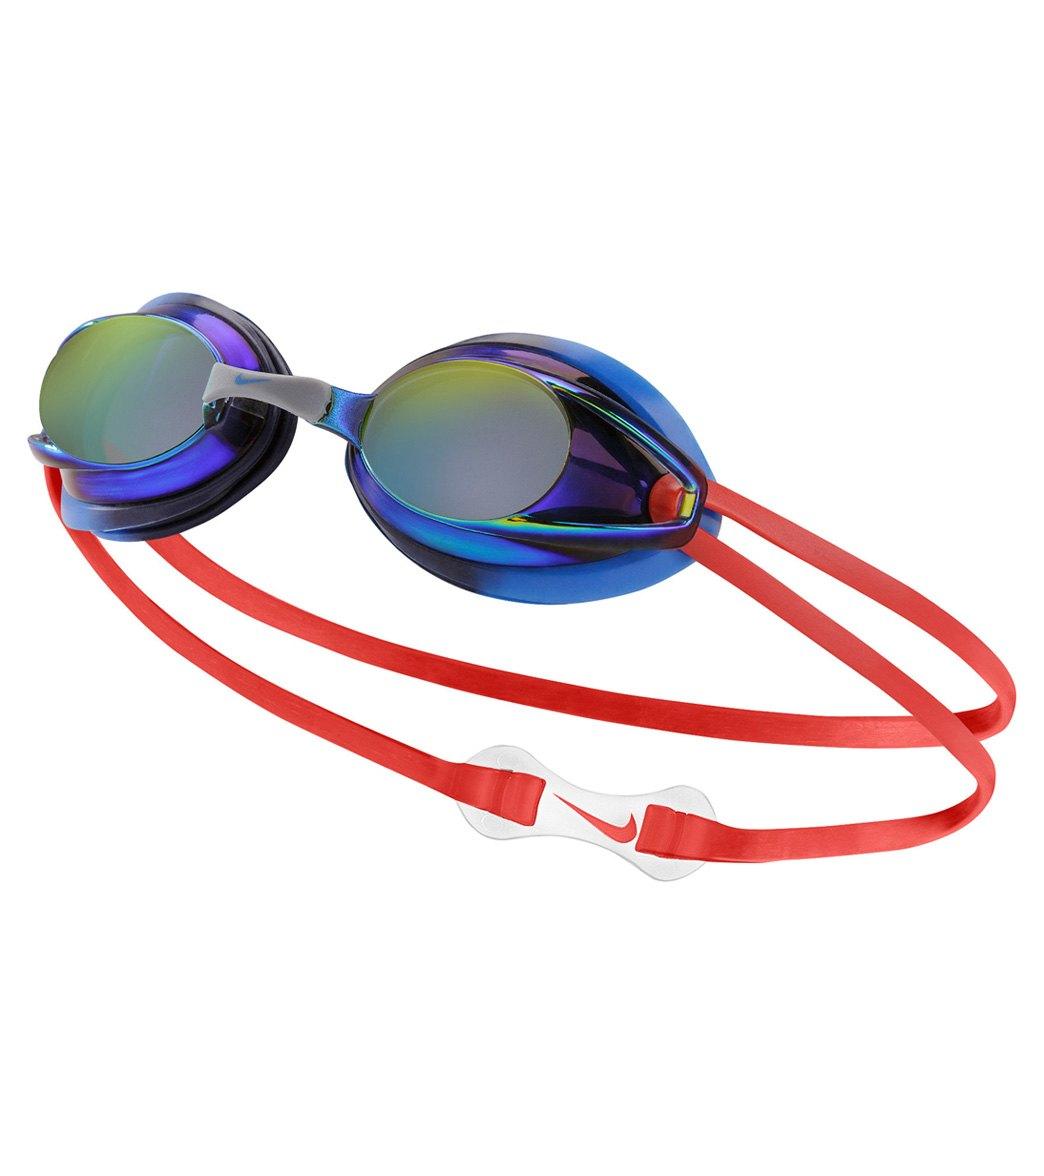 68864f5c55e7 Nike Remora Mirrored Junior Goggle at SwimOutlet.com